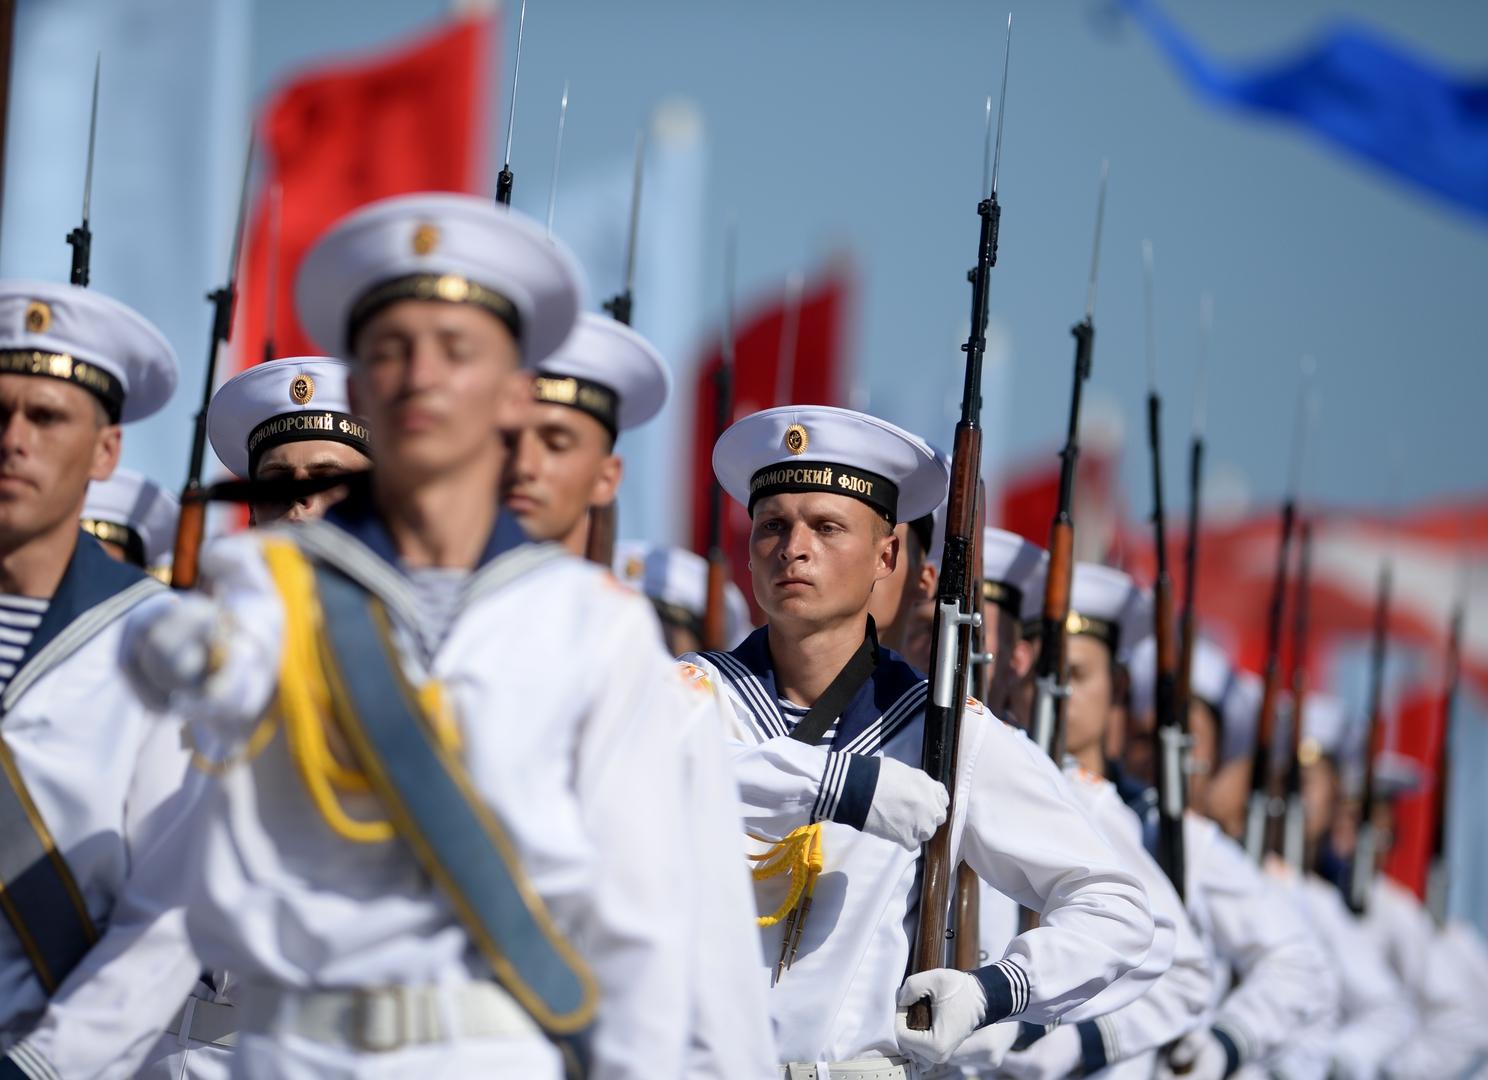 День семьи, фото день черноморского флота